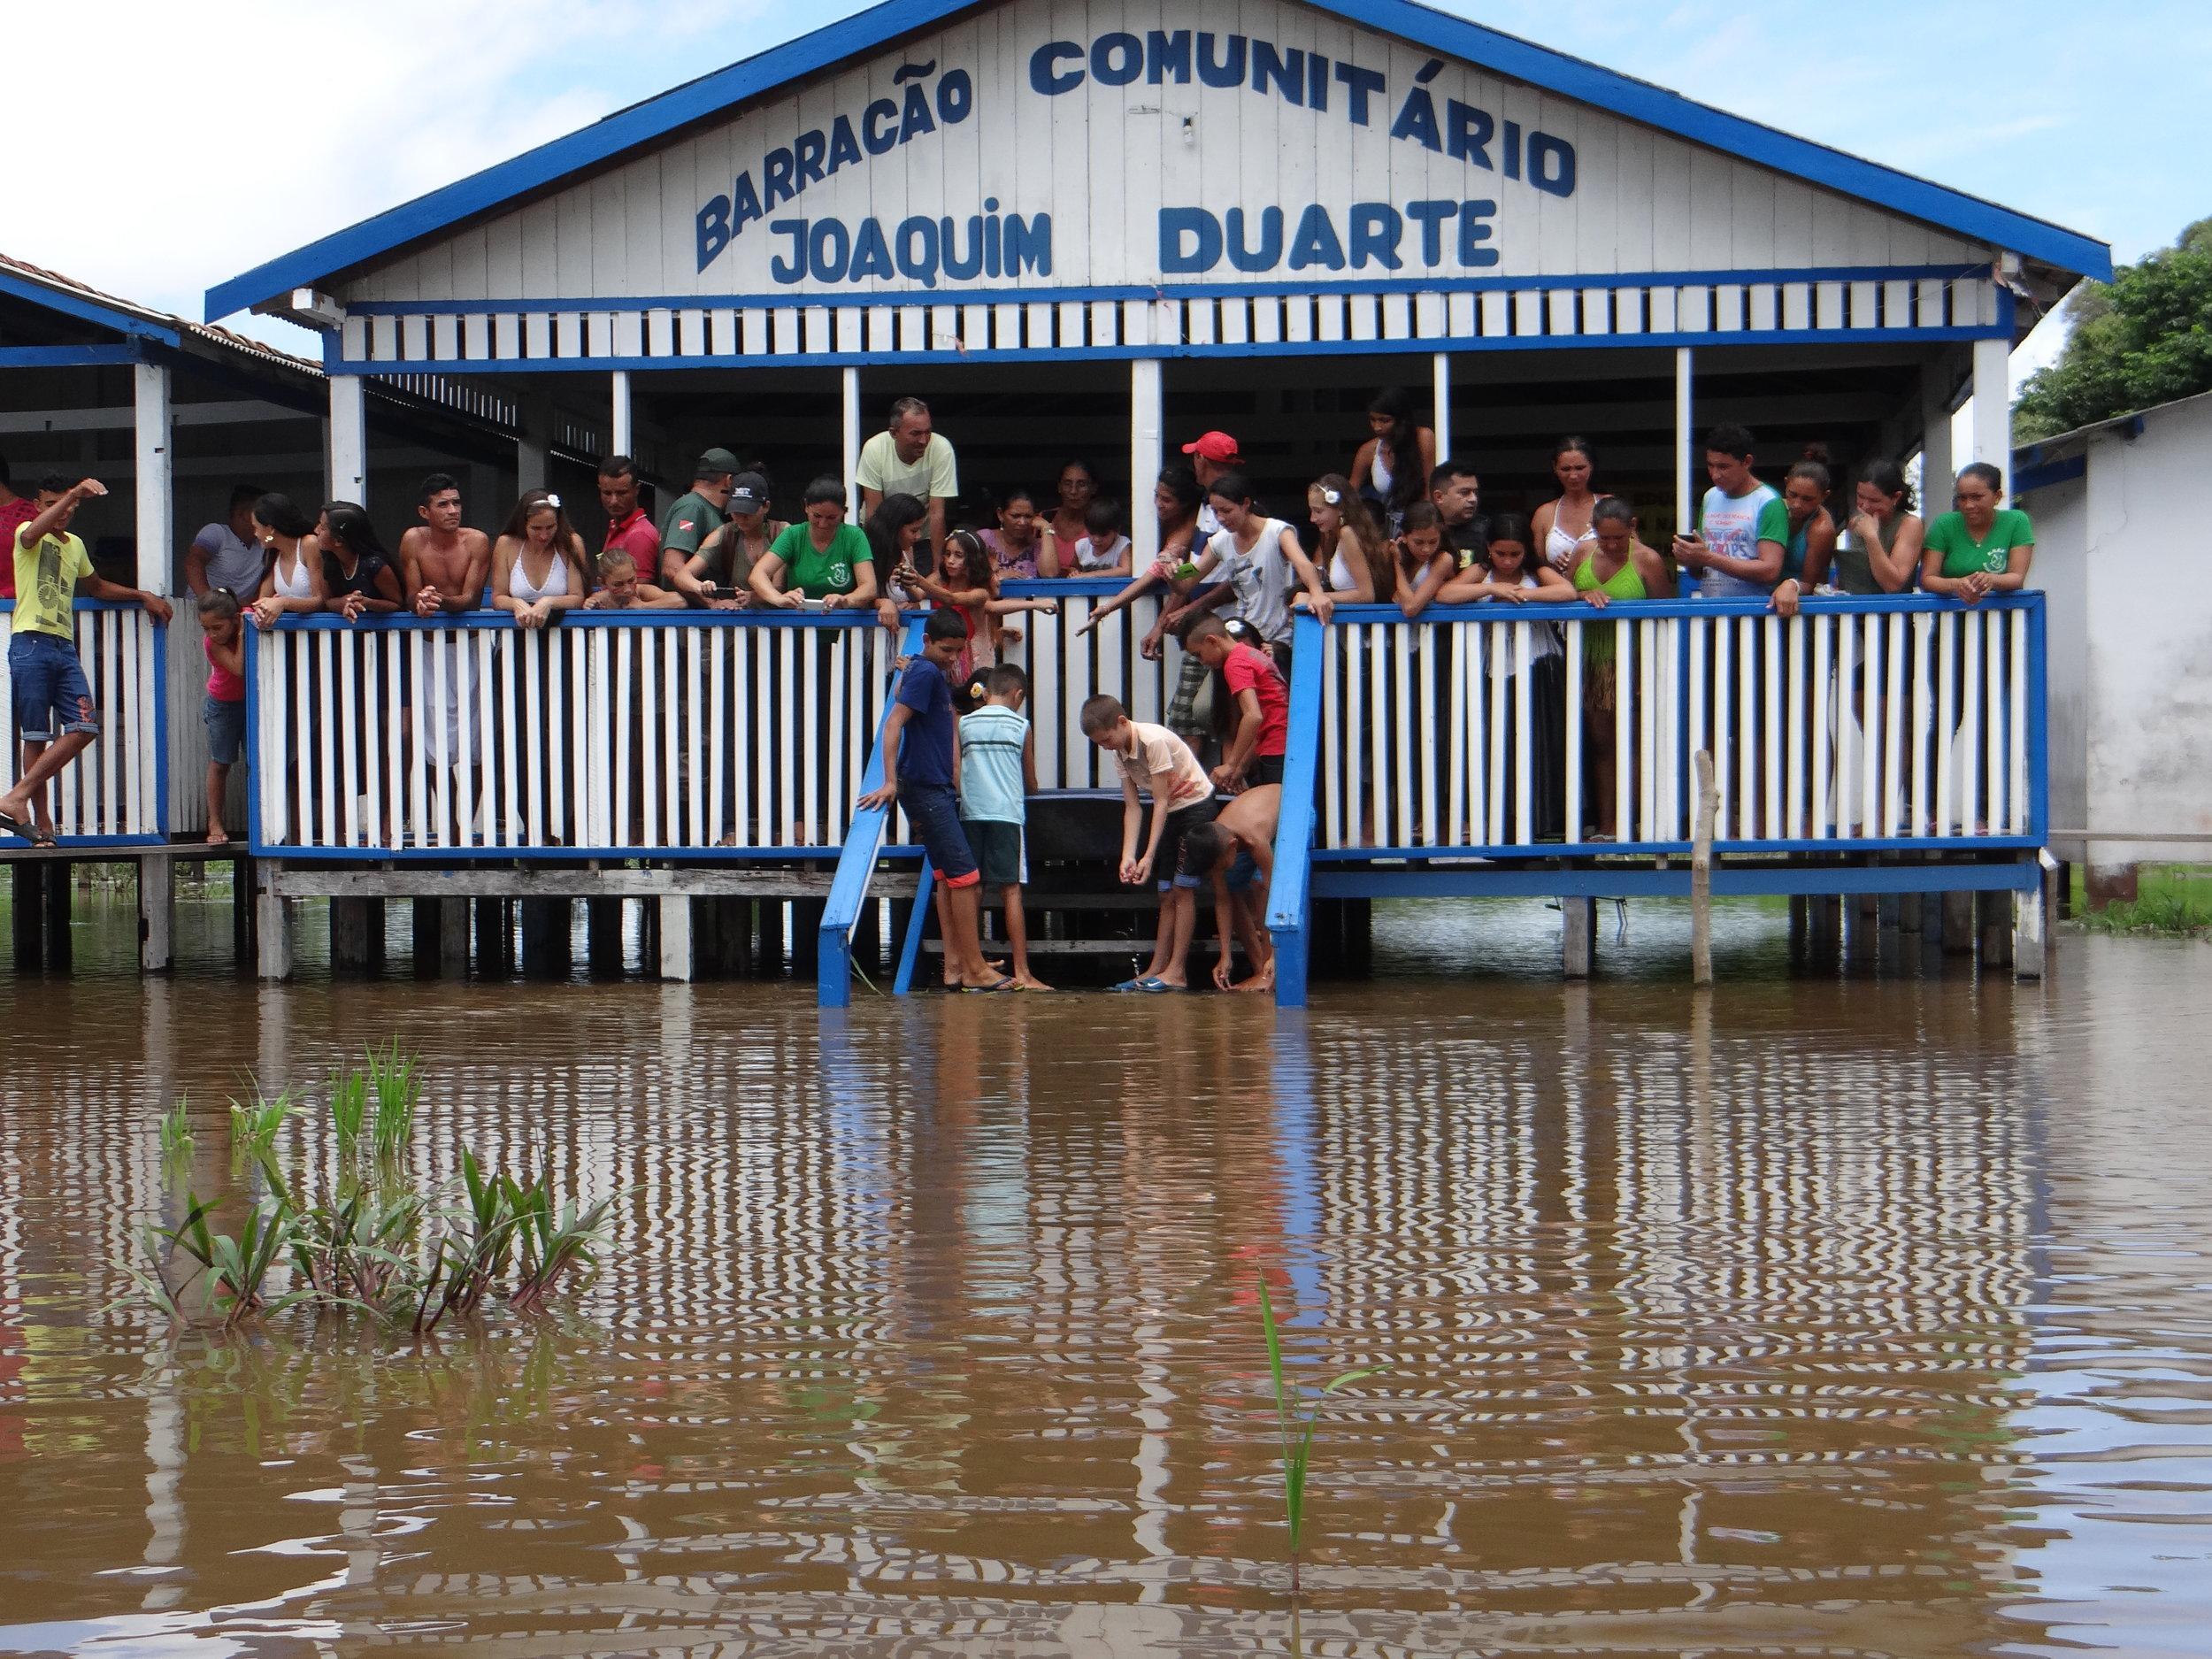 Comunidade Água preta: soltura em abril de 2017